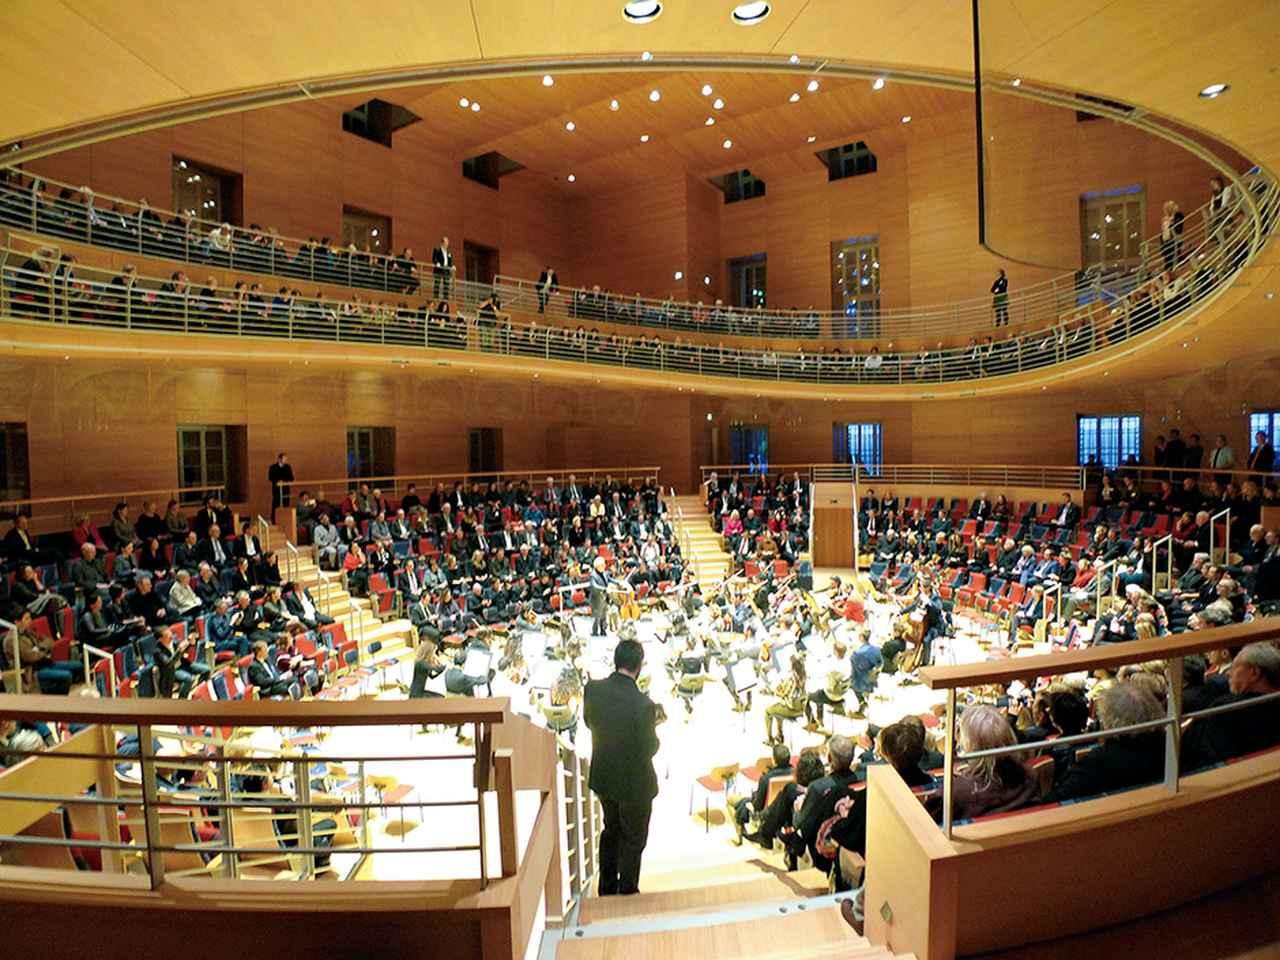 Images : 2番目の画像 - 「目でも響きを味わえる ホールをつくるということ。 音響設計家、豊田泰久」のアルバム - T JAPAN:The New York Times Style Magazine 公式サイト